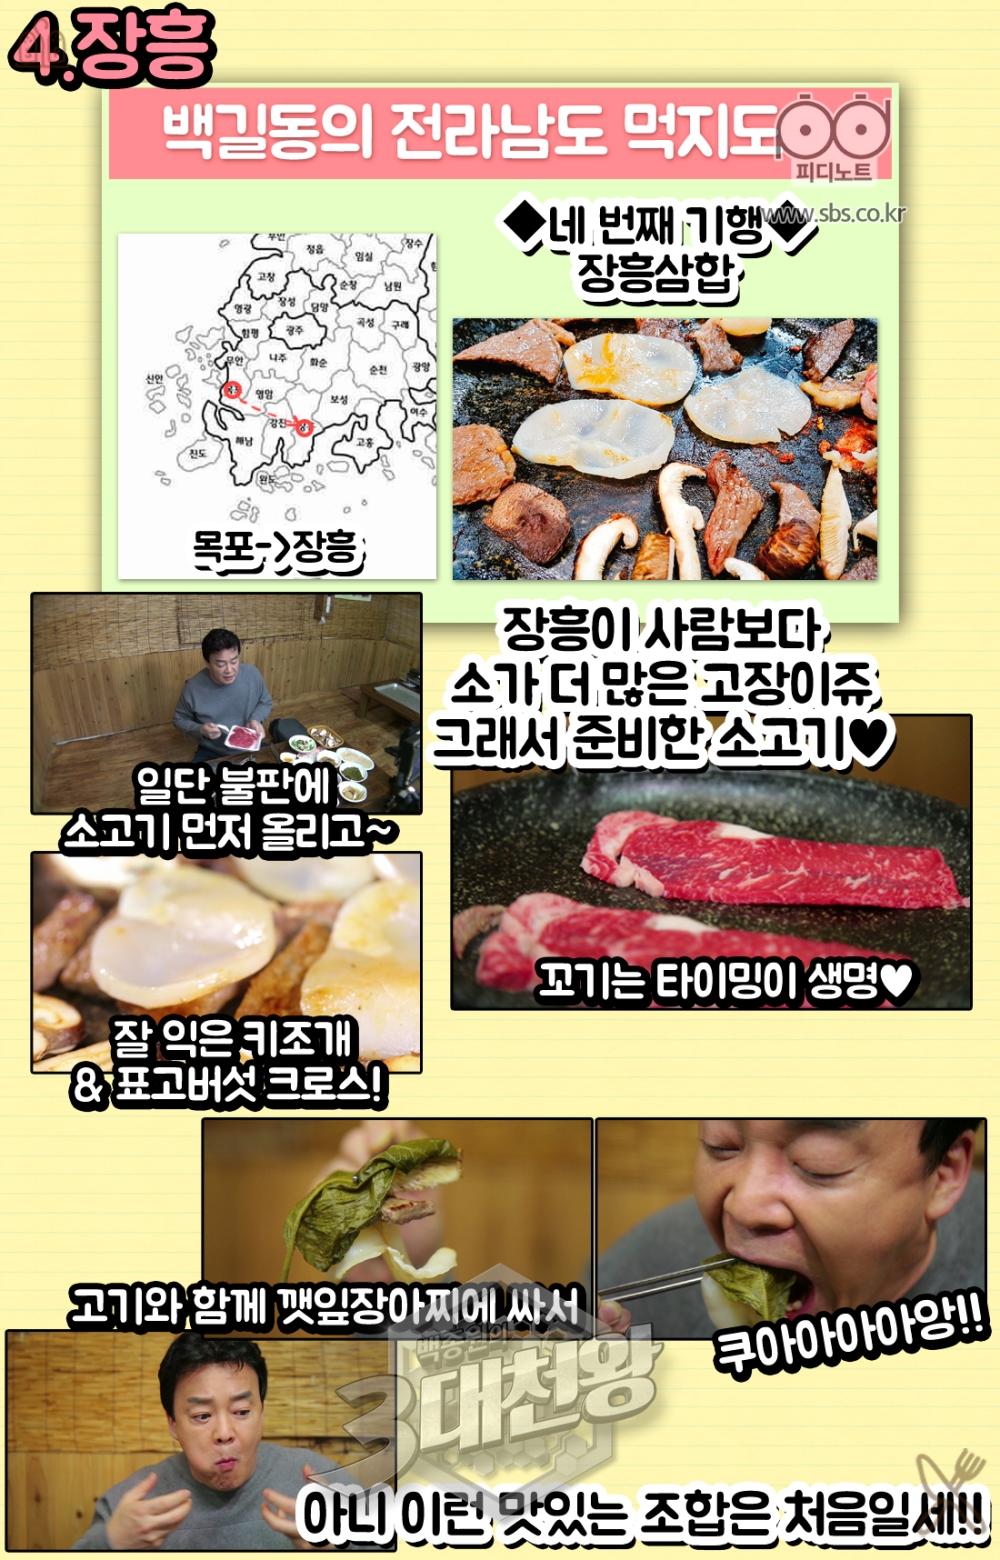 네번째기행장흥삼합장흥이사람보다소가더많은고장이쥬그래서준비한소고기.꼬기는타이밍이생명잘익은캐조개표고버섯크로스.쿠와아앙아니이런맛있는조합은처음일세